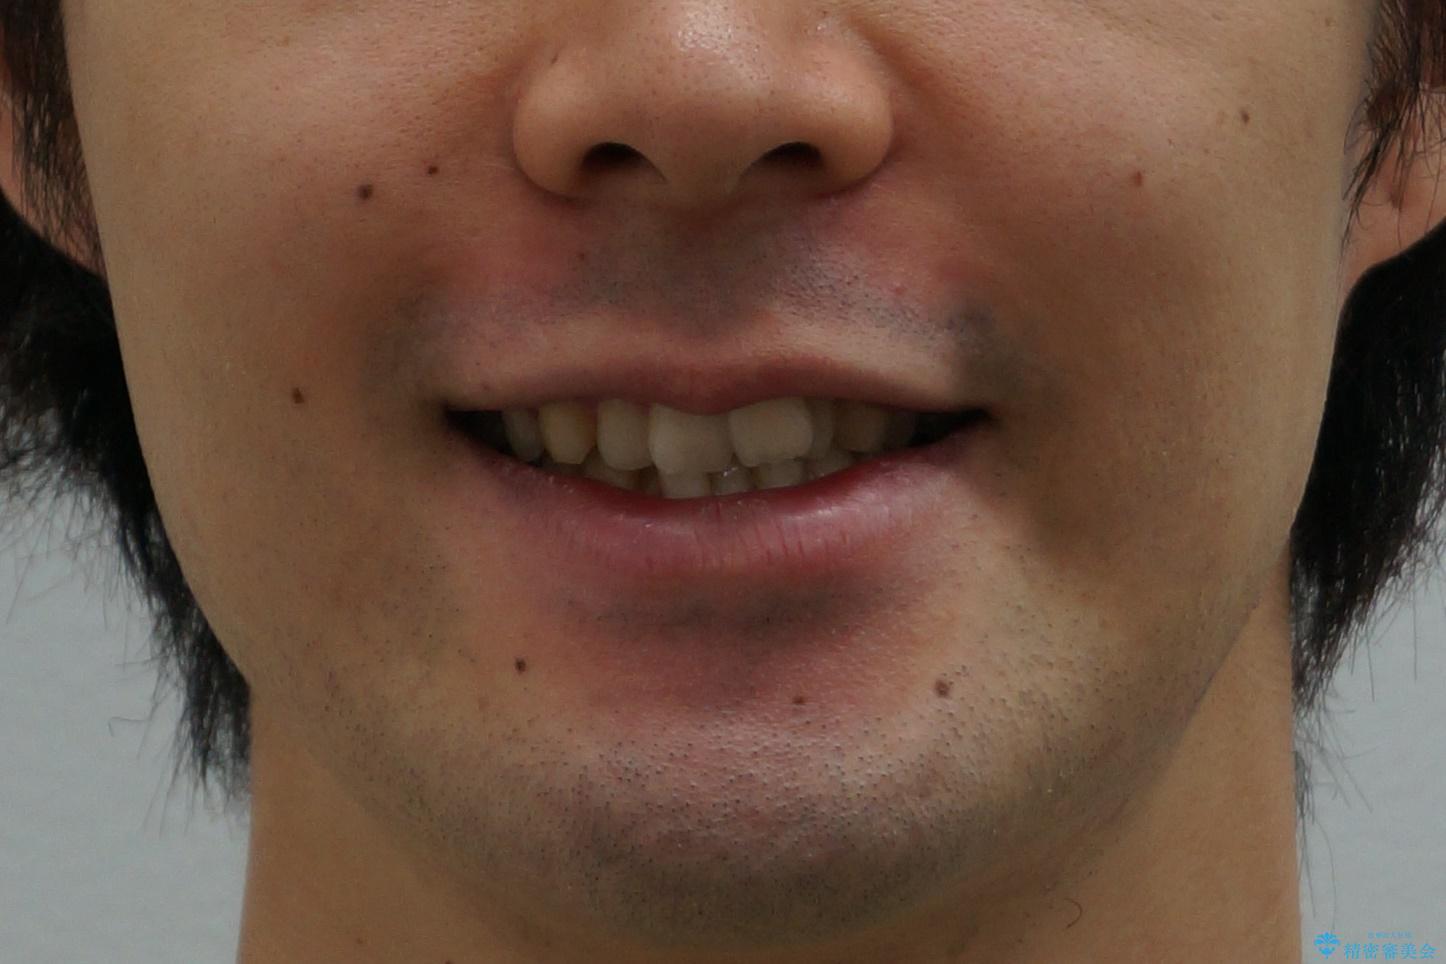 前歯のがたつき・すれちがい咬合を非抜歯で。流行の、格安マウスピースでは難しい、ワンランク上の治療の治療前(顔貌)